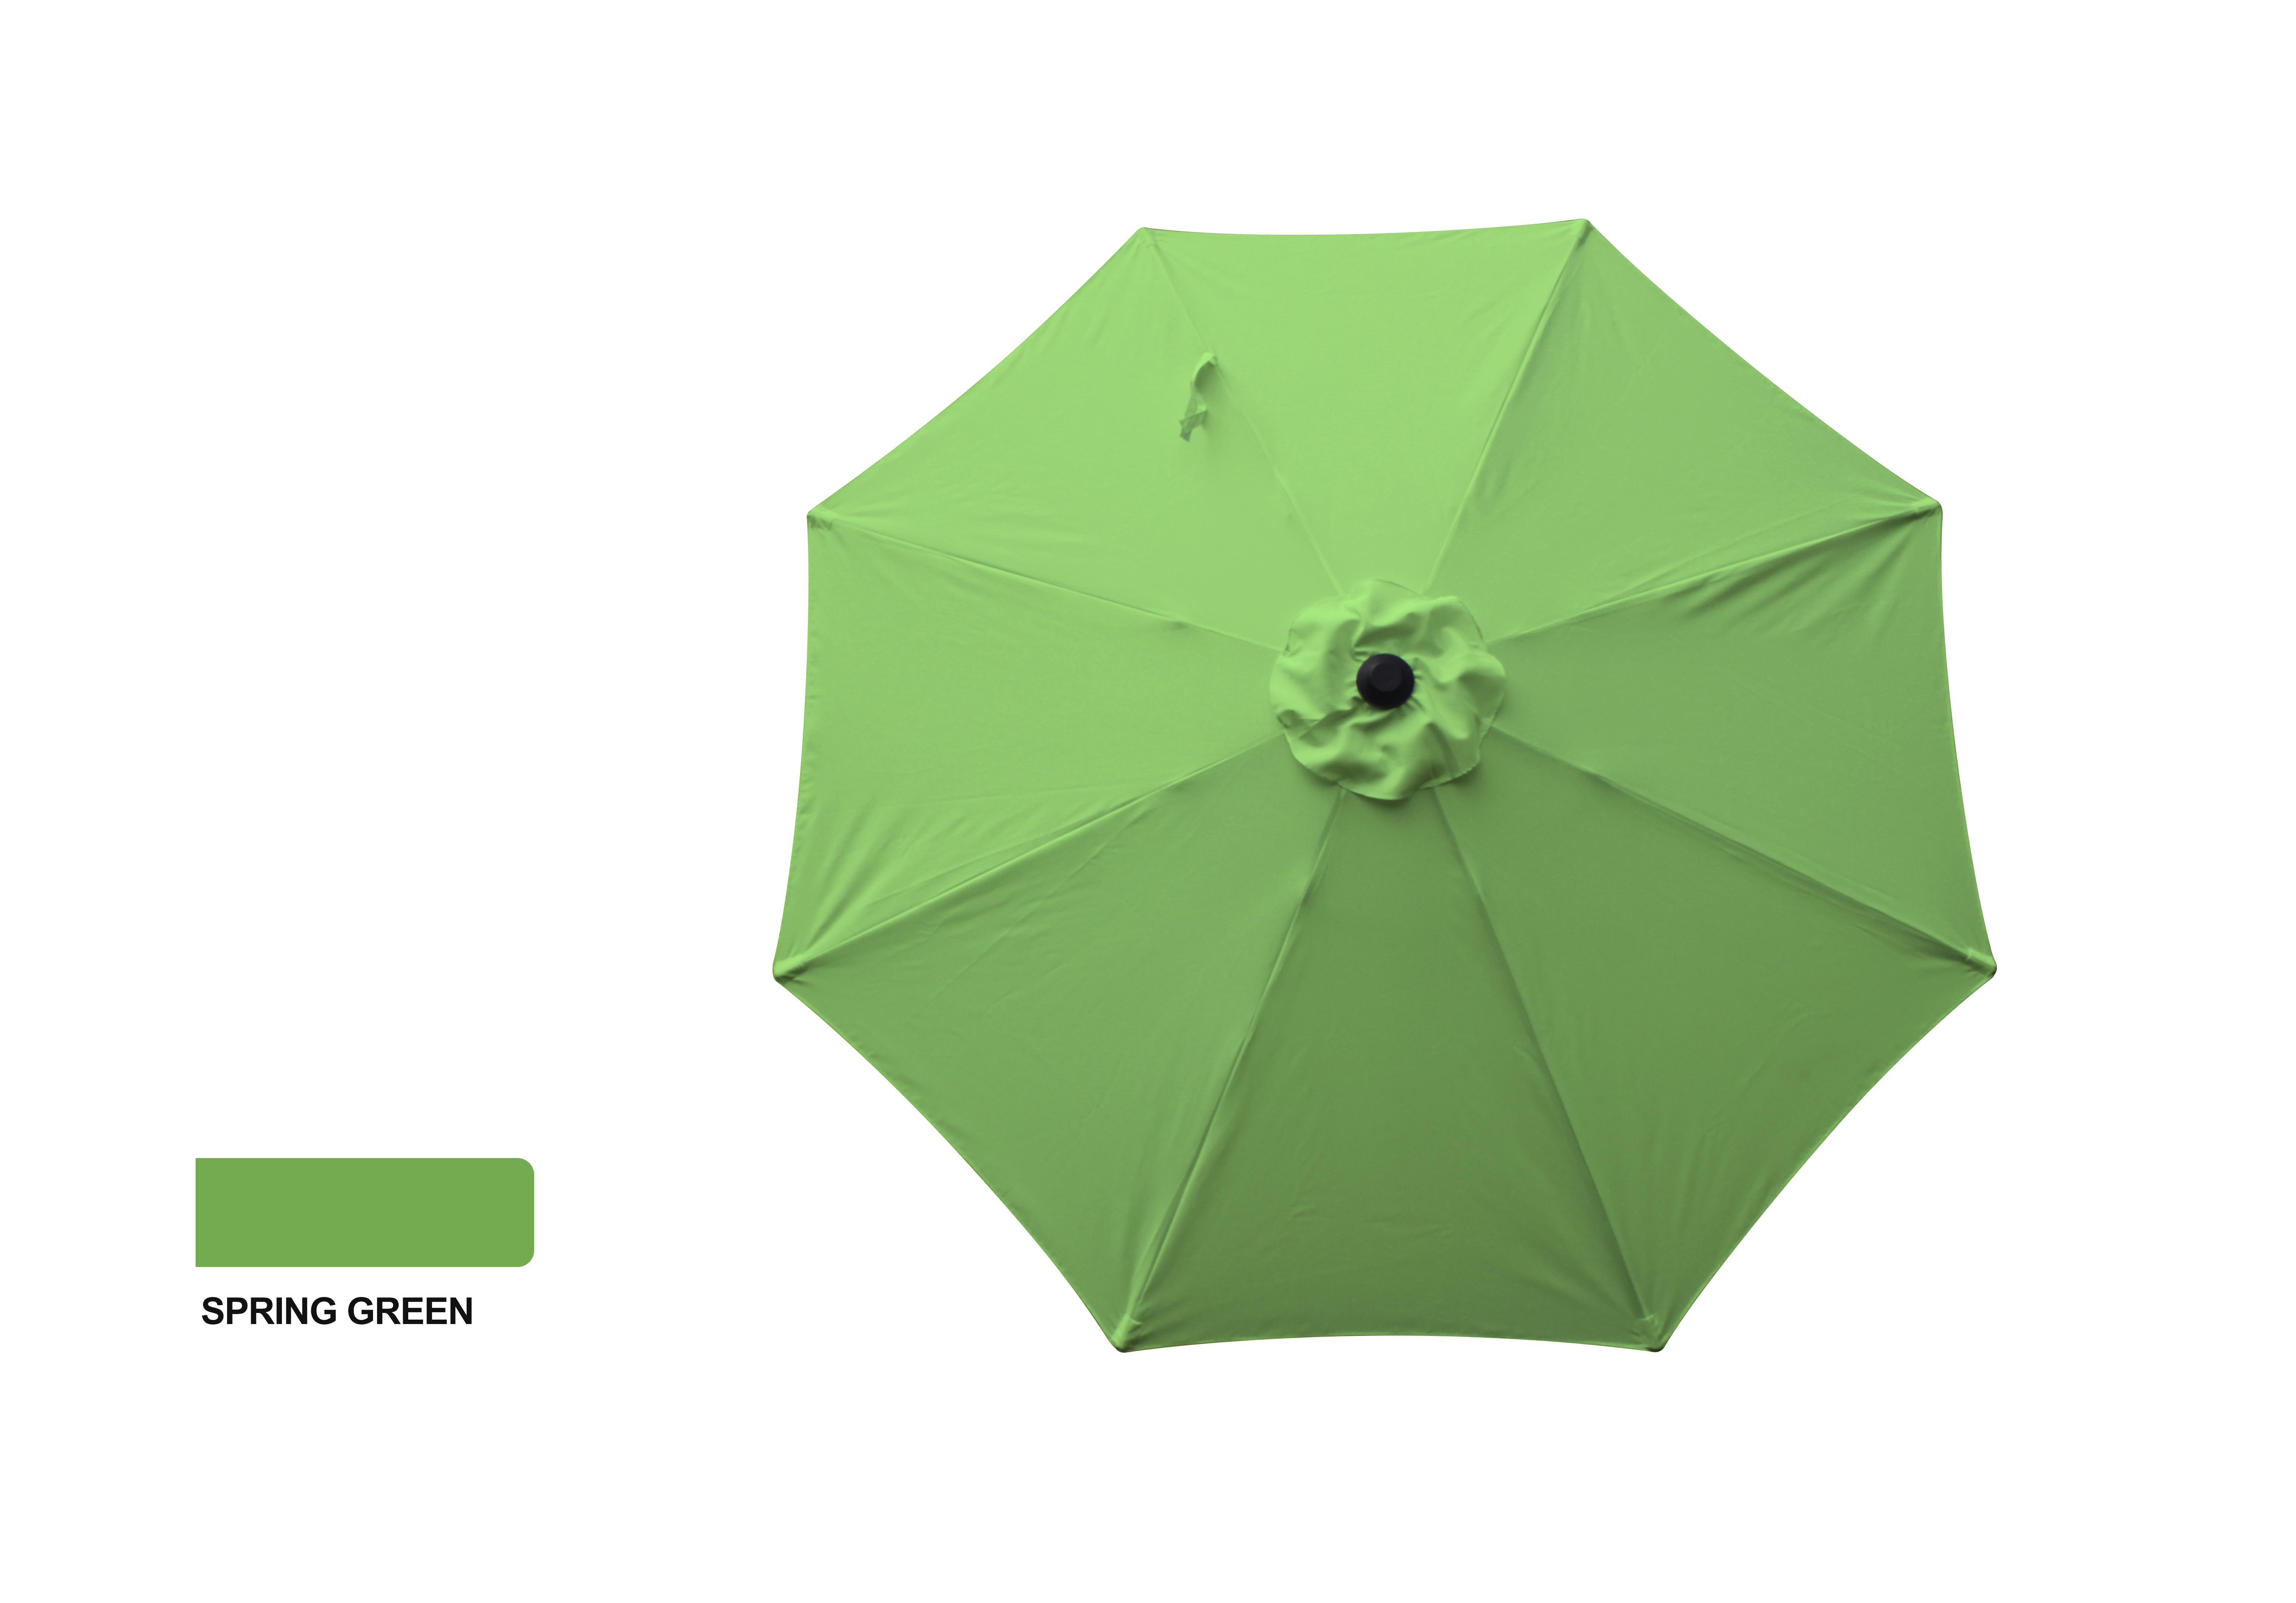 9' ALUMINUM MARKET UMBRELLA - SPRING GREEN